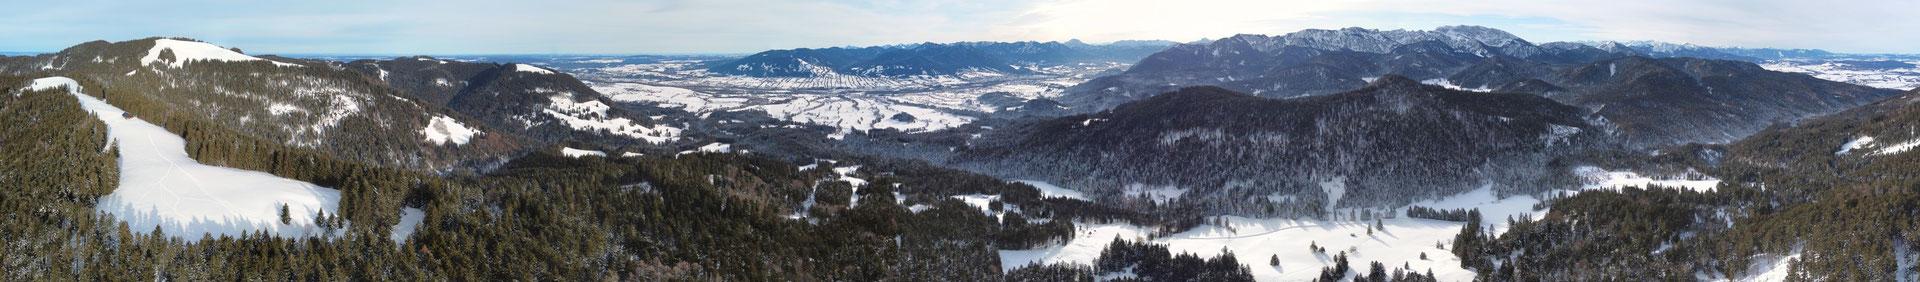 Panorama, Drohnenfoto, Landschaft, Zwiesel, Rund um Blick, Winter, Schnee, Grat, Alpen, Berge